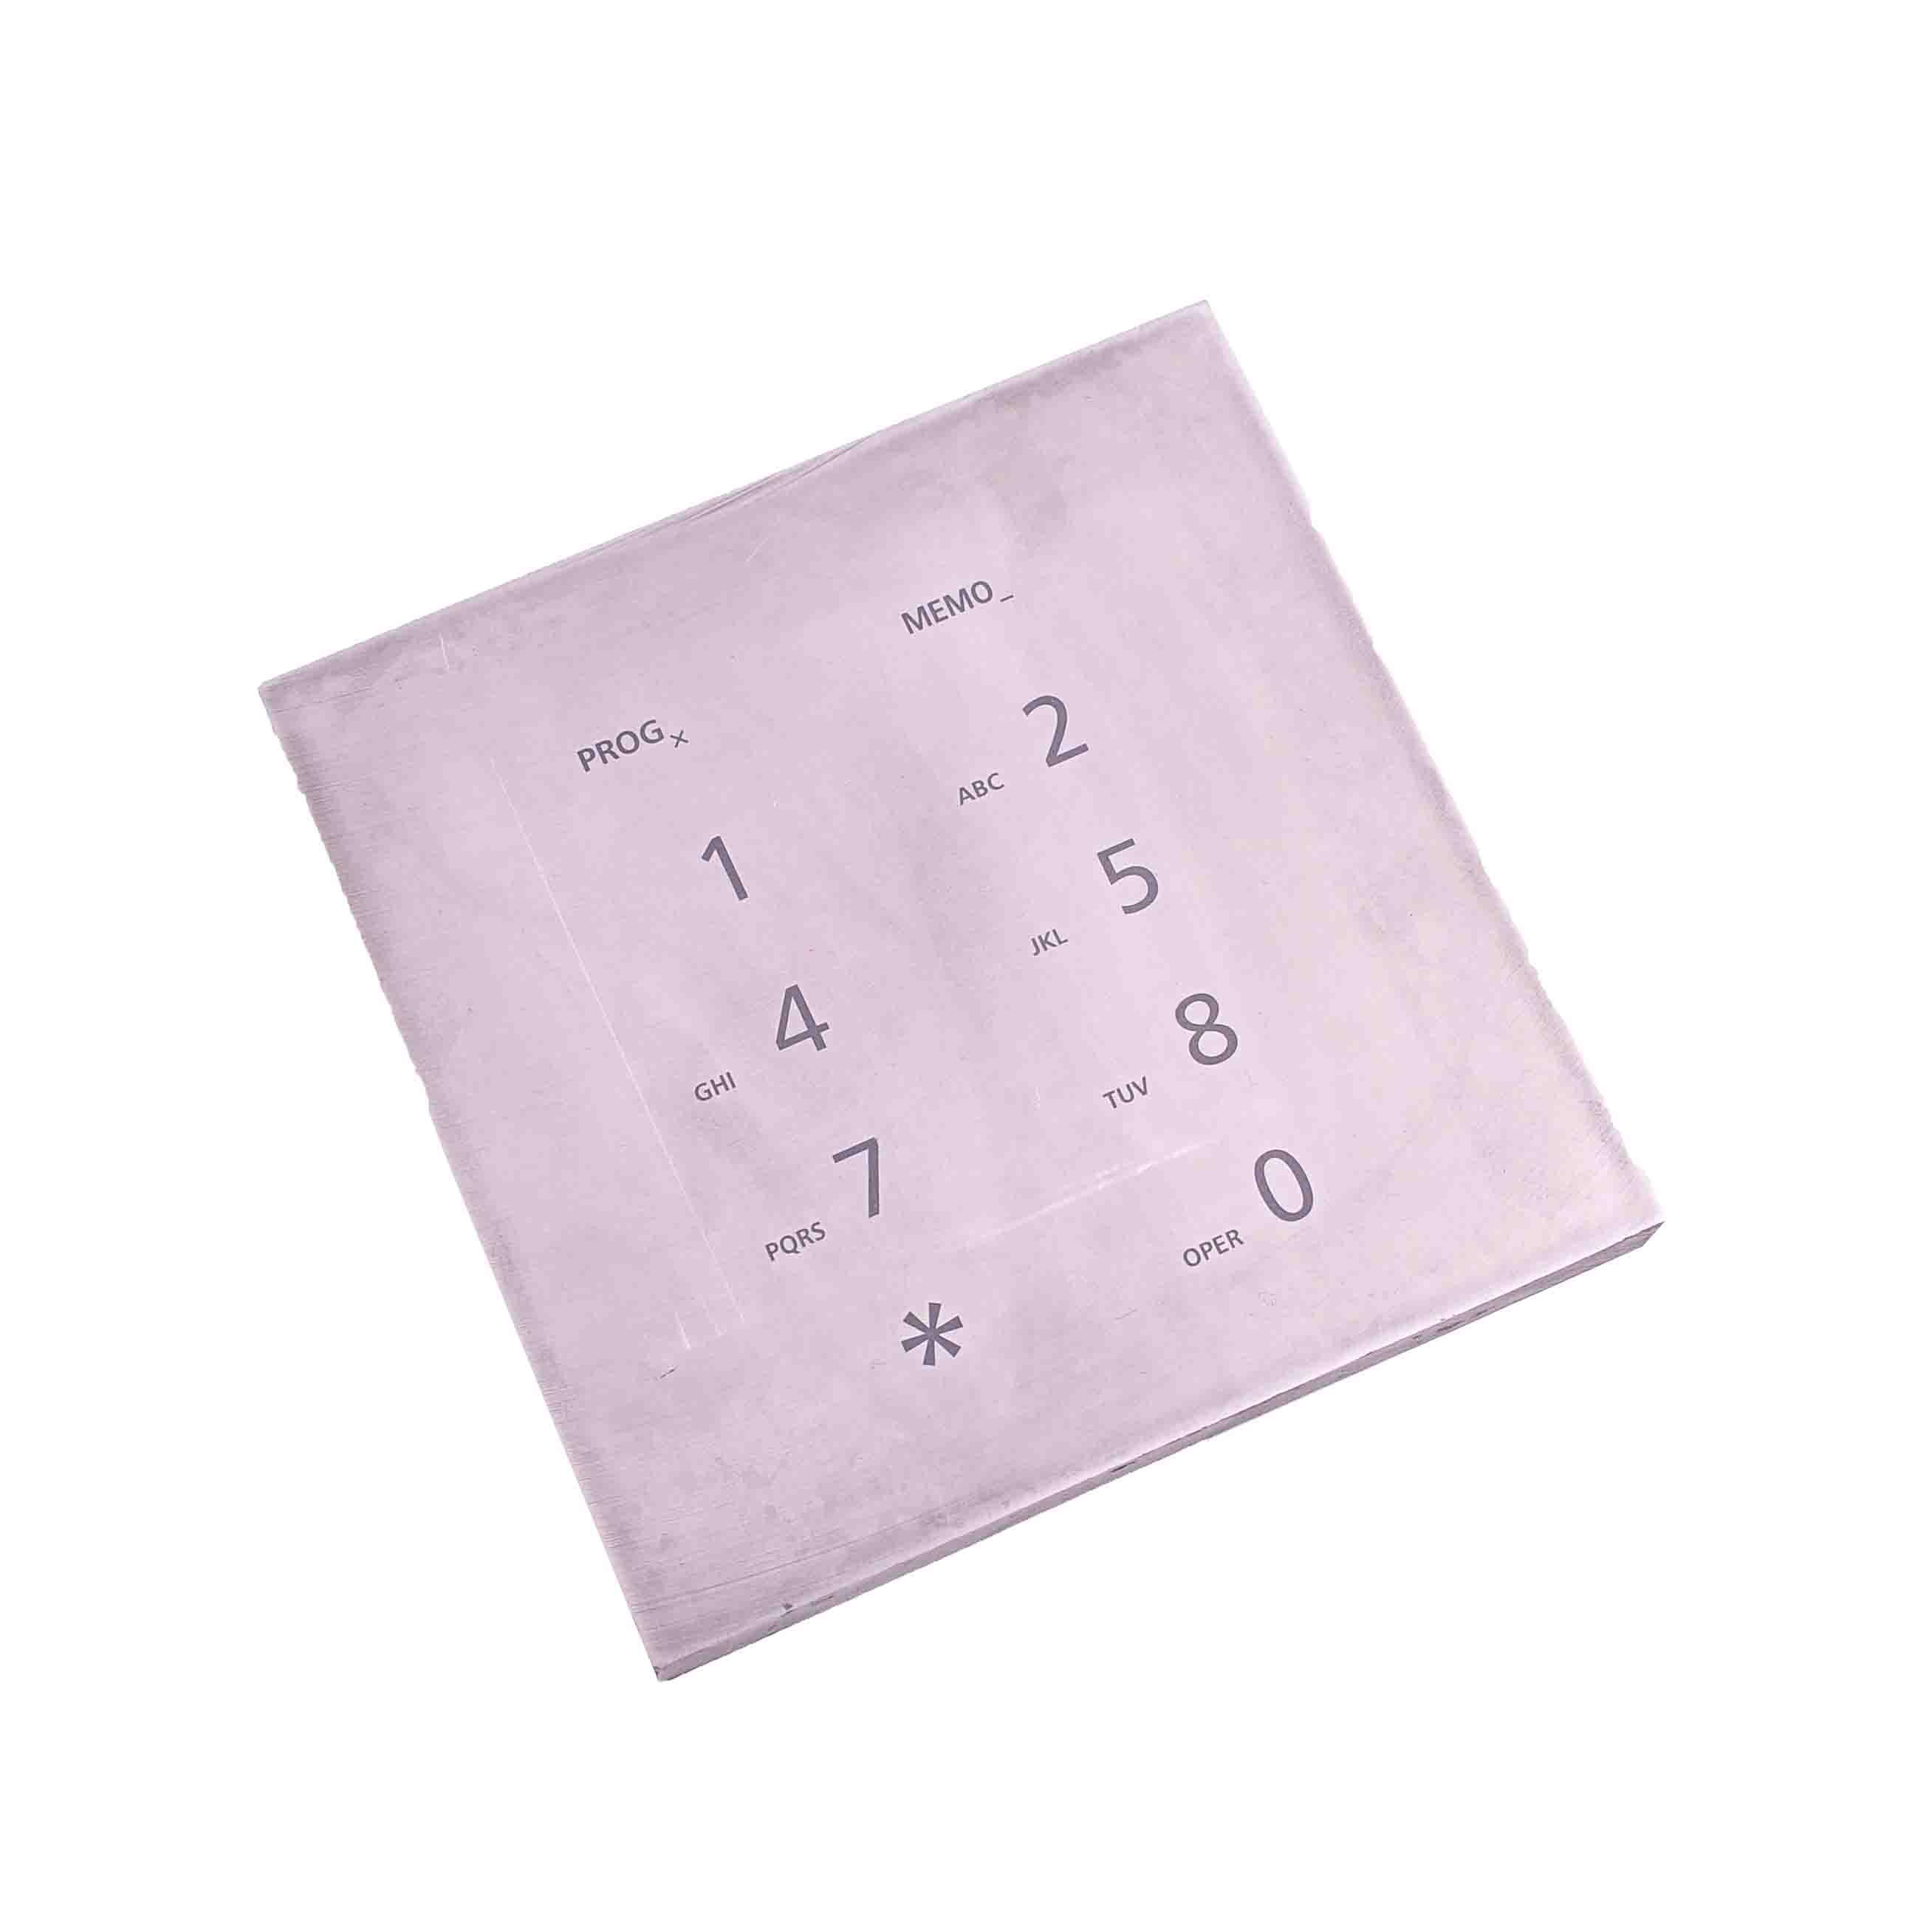 Cliche Plates - Artech